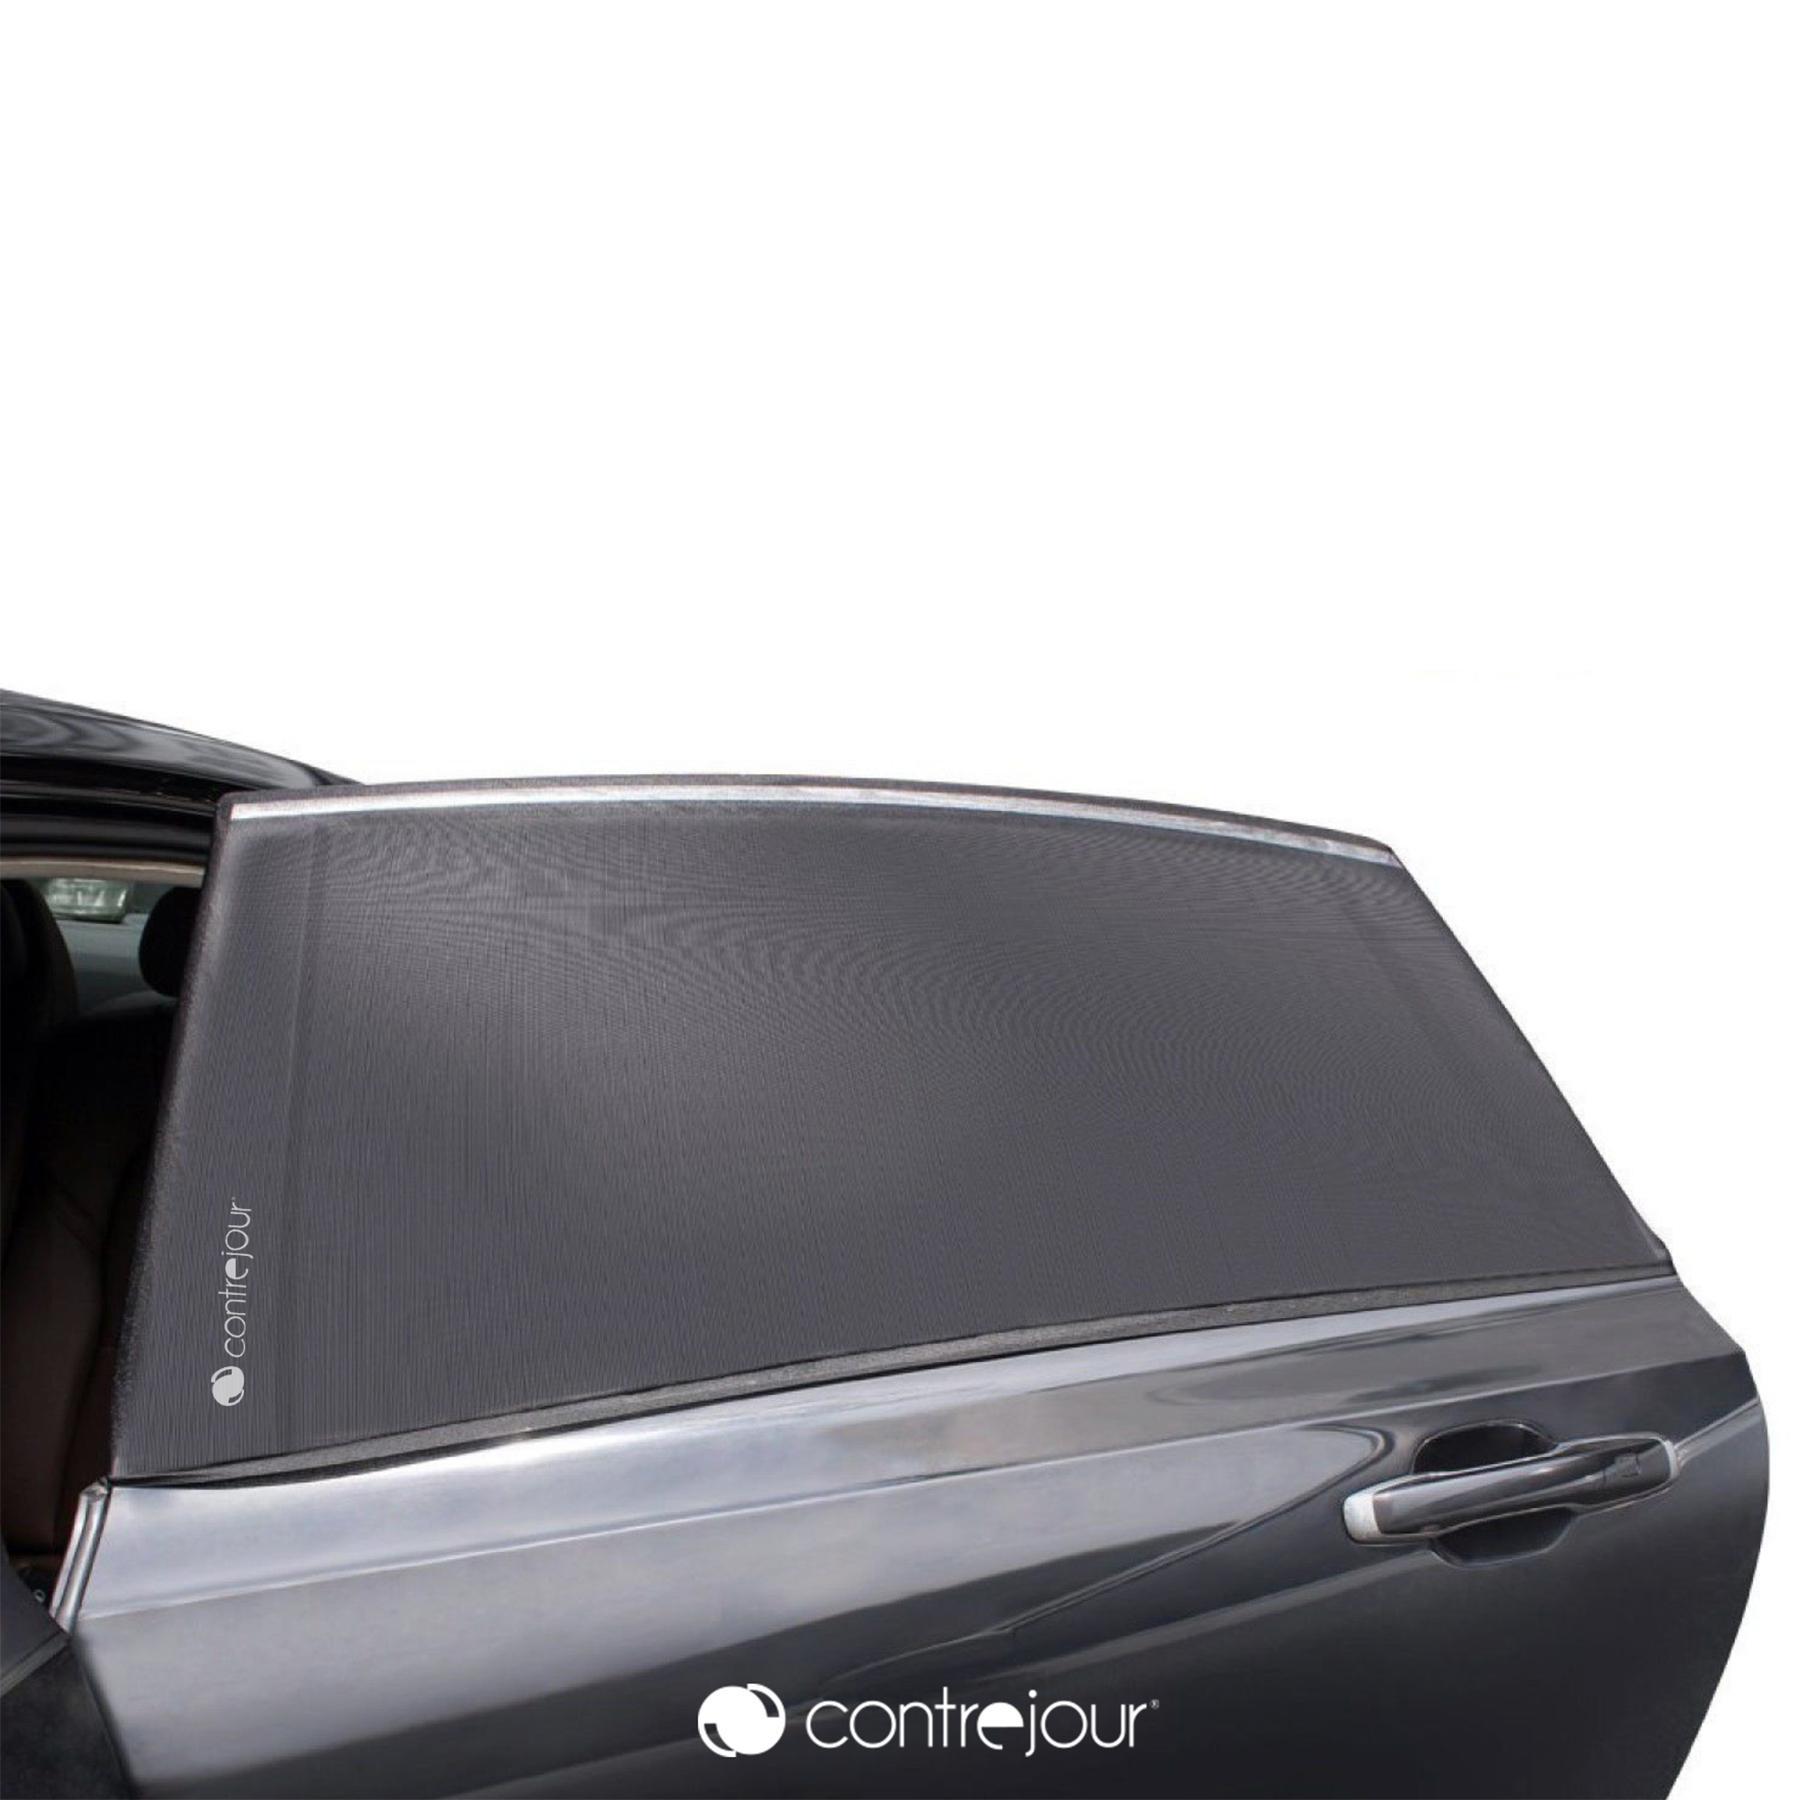 463612 CONTREJOUR schwarz, Polyester, Menge: 1 Größe: M Auto-Sonnenschutz 463612 günstig kaufen